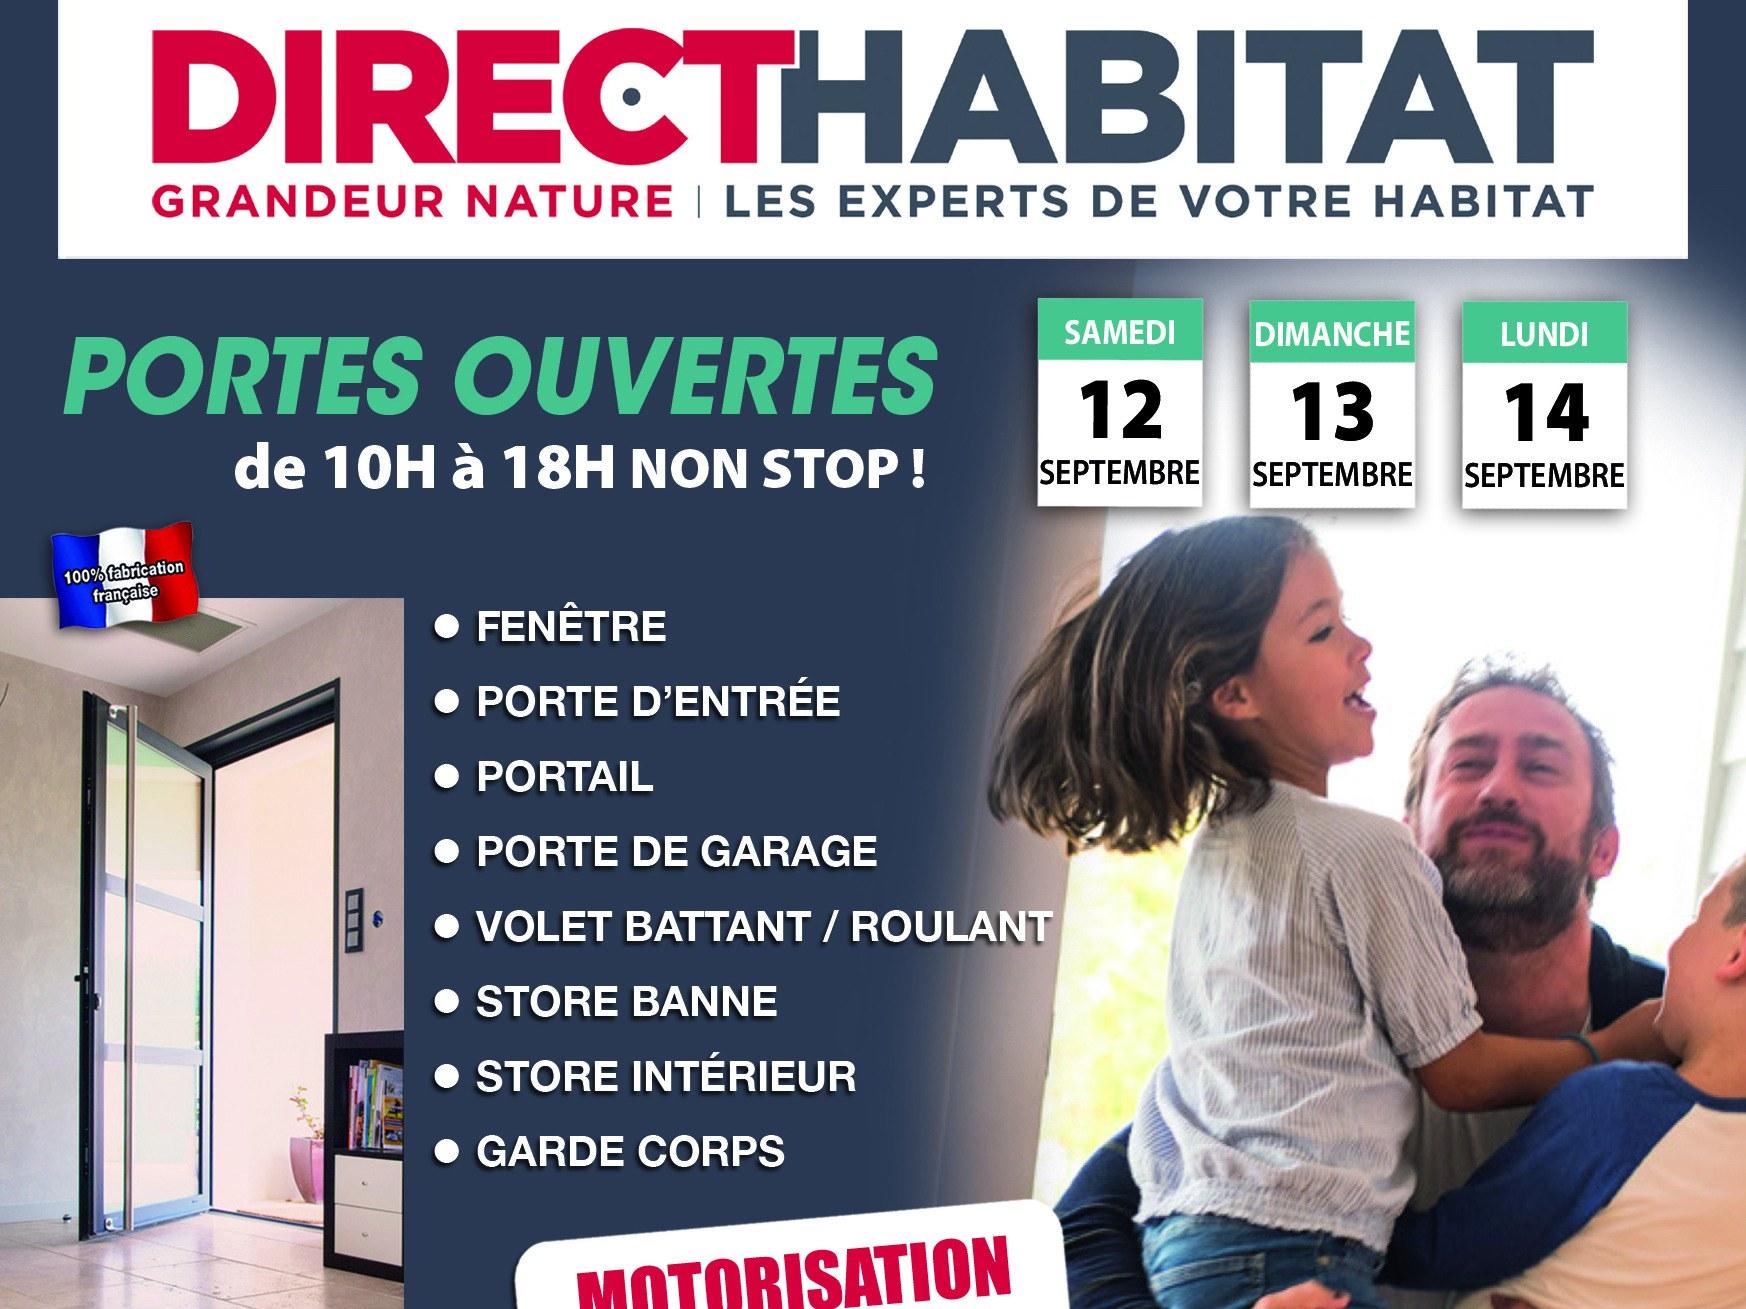 Portes ouvertes Direct-Habitat